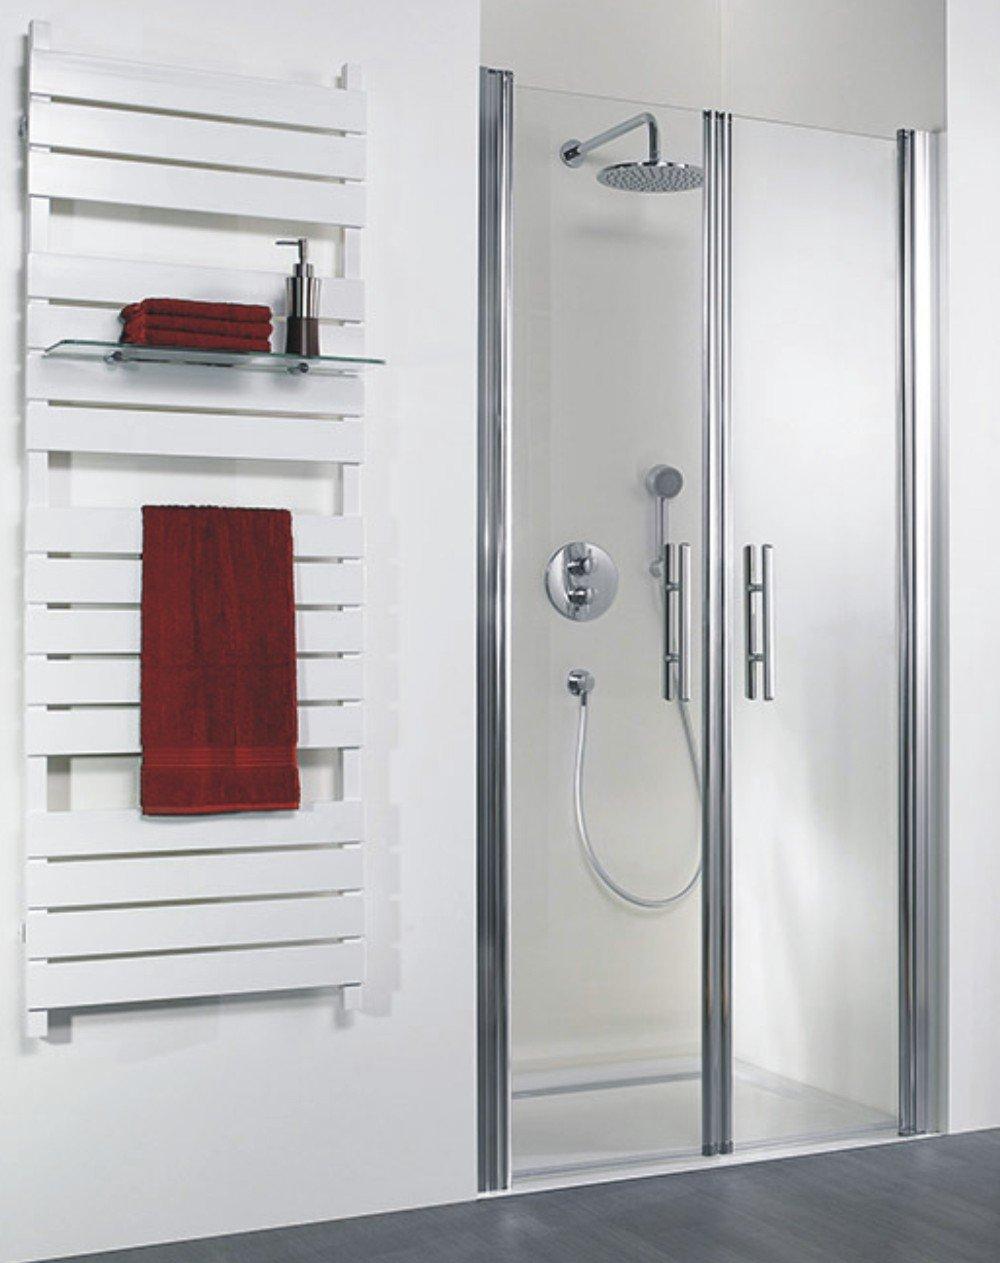 duschkabine 90x90 schiebetr affordable duschkabine im zeitlosen design baddepotde with. Black Bedroom Furniture Sets. Home Design Ideas